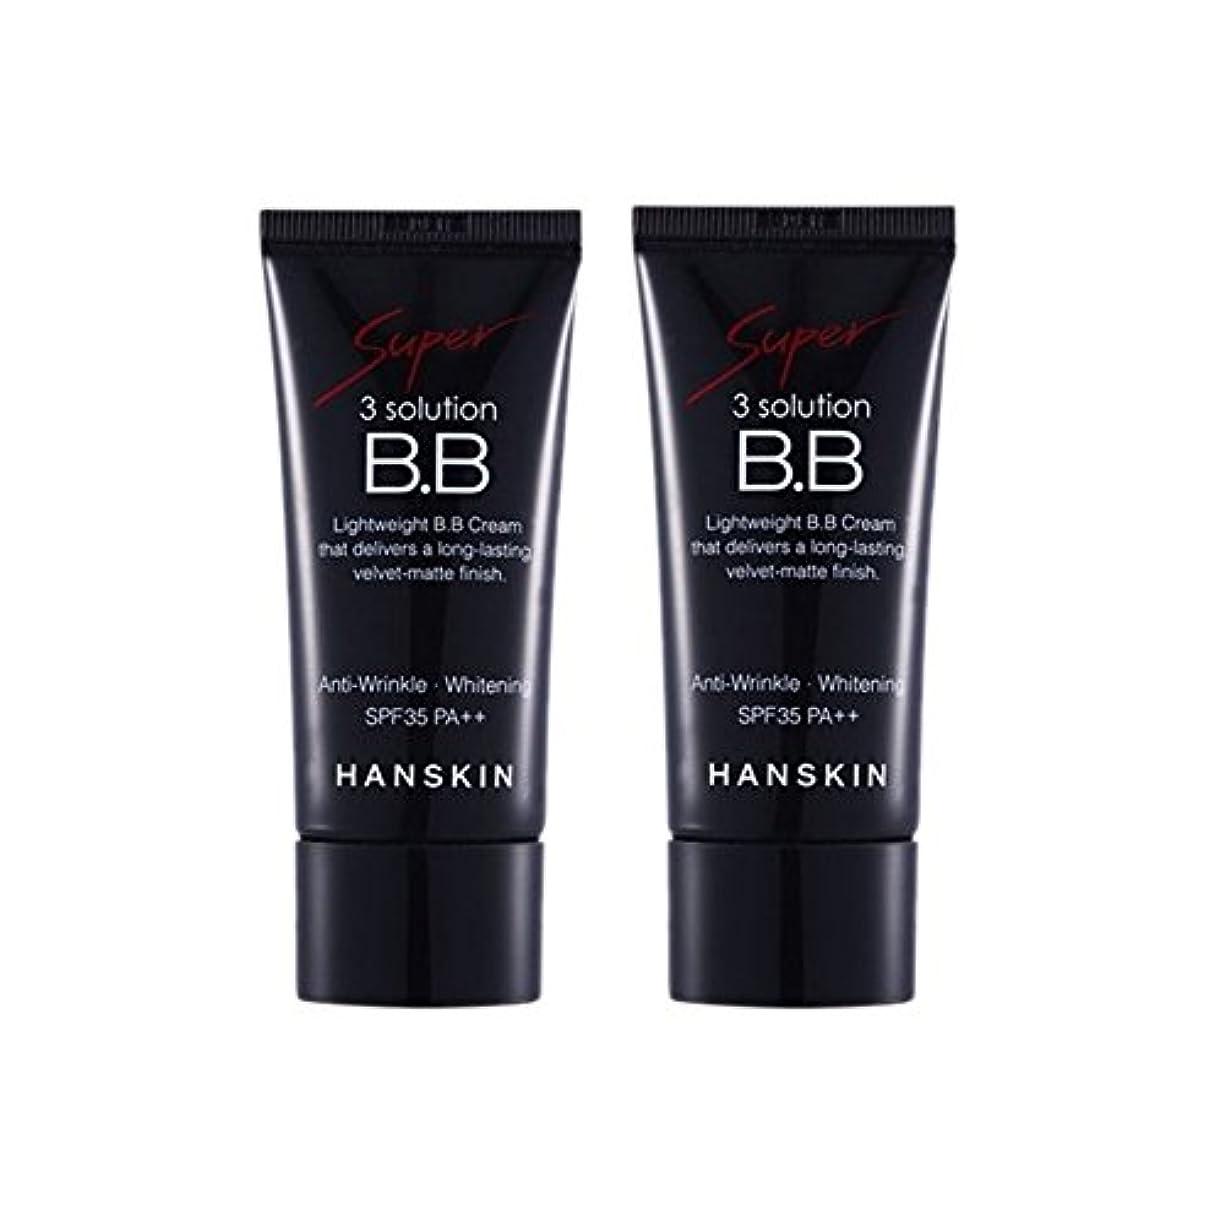 ハンスキンスーパー3ソリューションBBクリームSPF35 PA++30ml x 2本 Hanskin Super 3solution BB Cream SPF35 PA++ 30ml x 2pcs [並行輸入品]